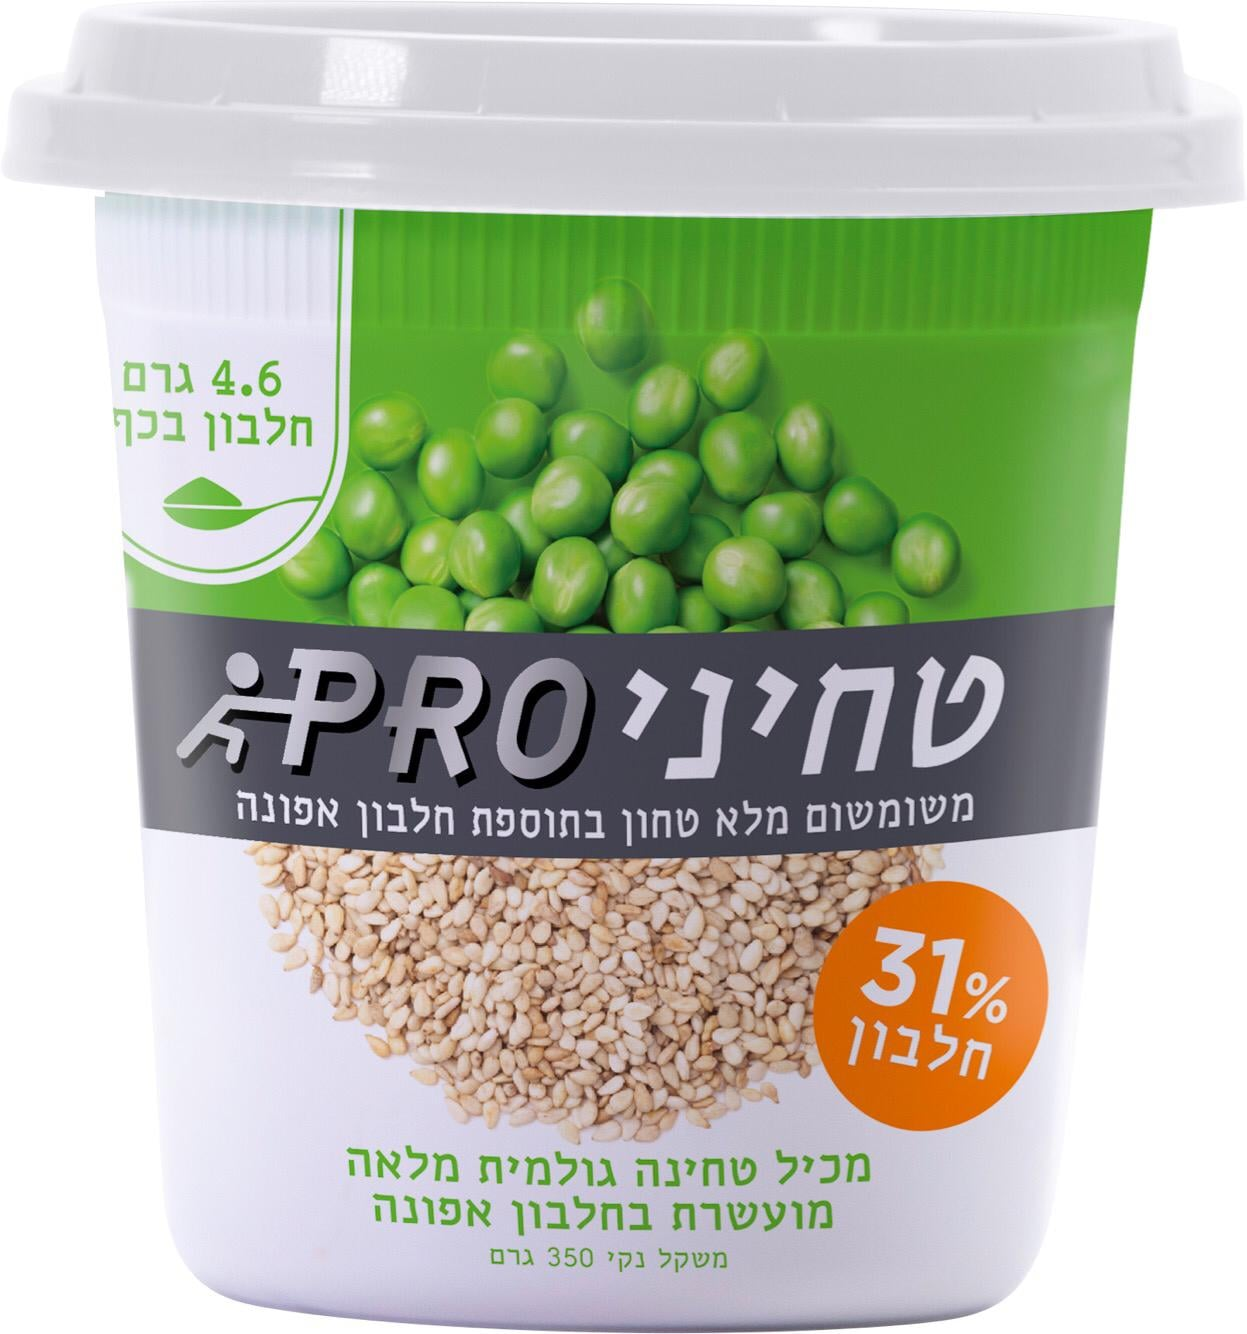 טחיניפרו 31% חלבון - טחינה משומשום מלא בתוספת חלבון אפונה